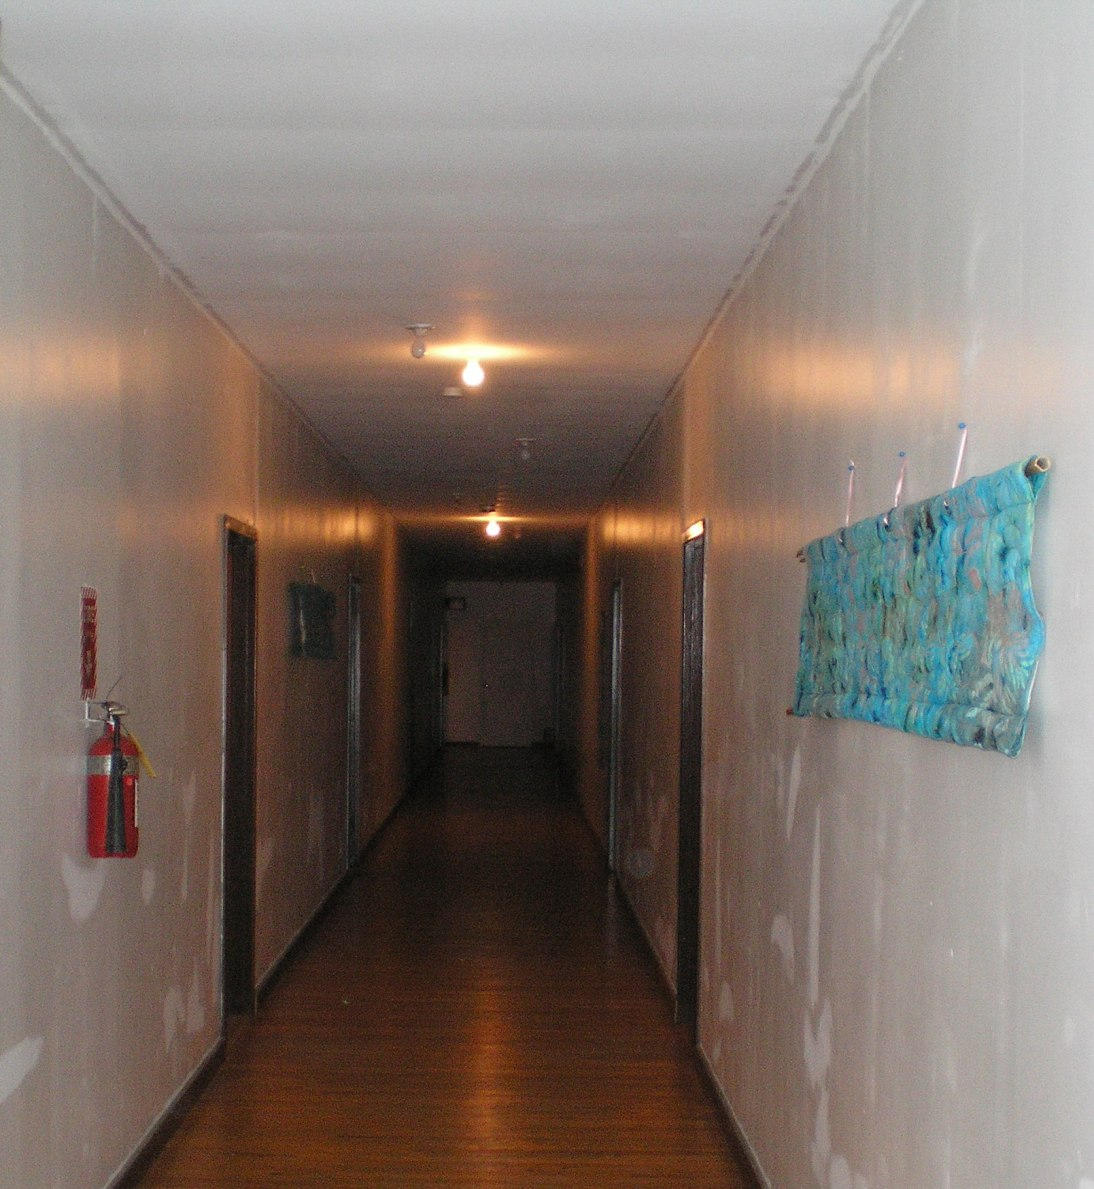 SHWC2006: Dorm Corridor by steward